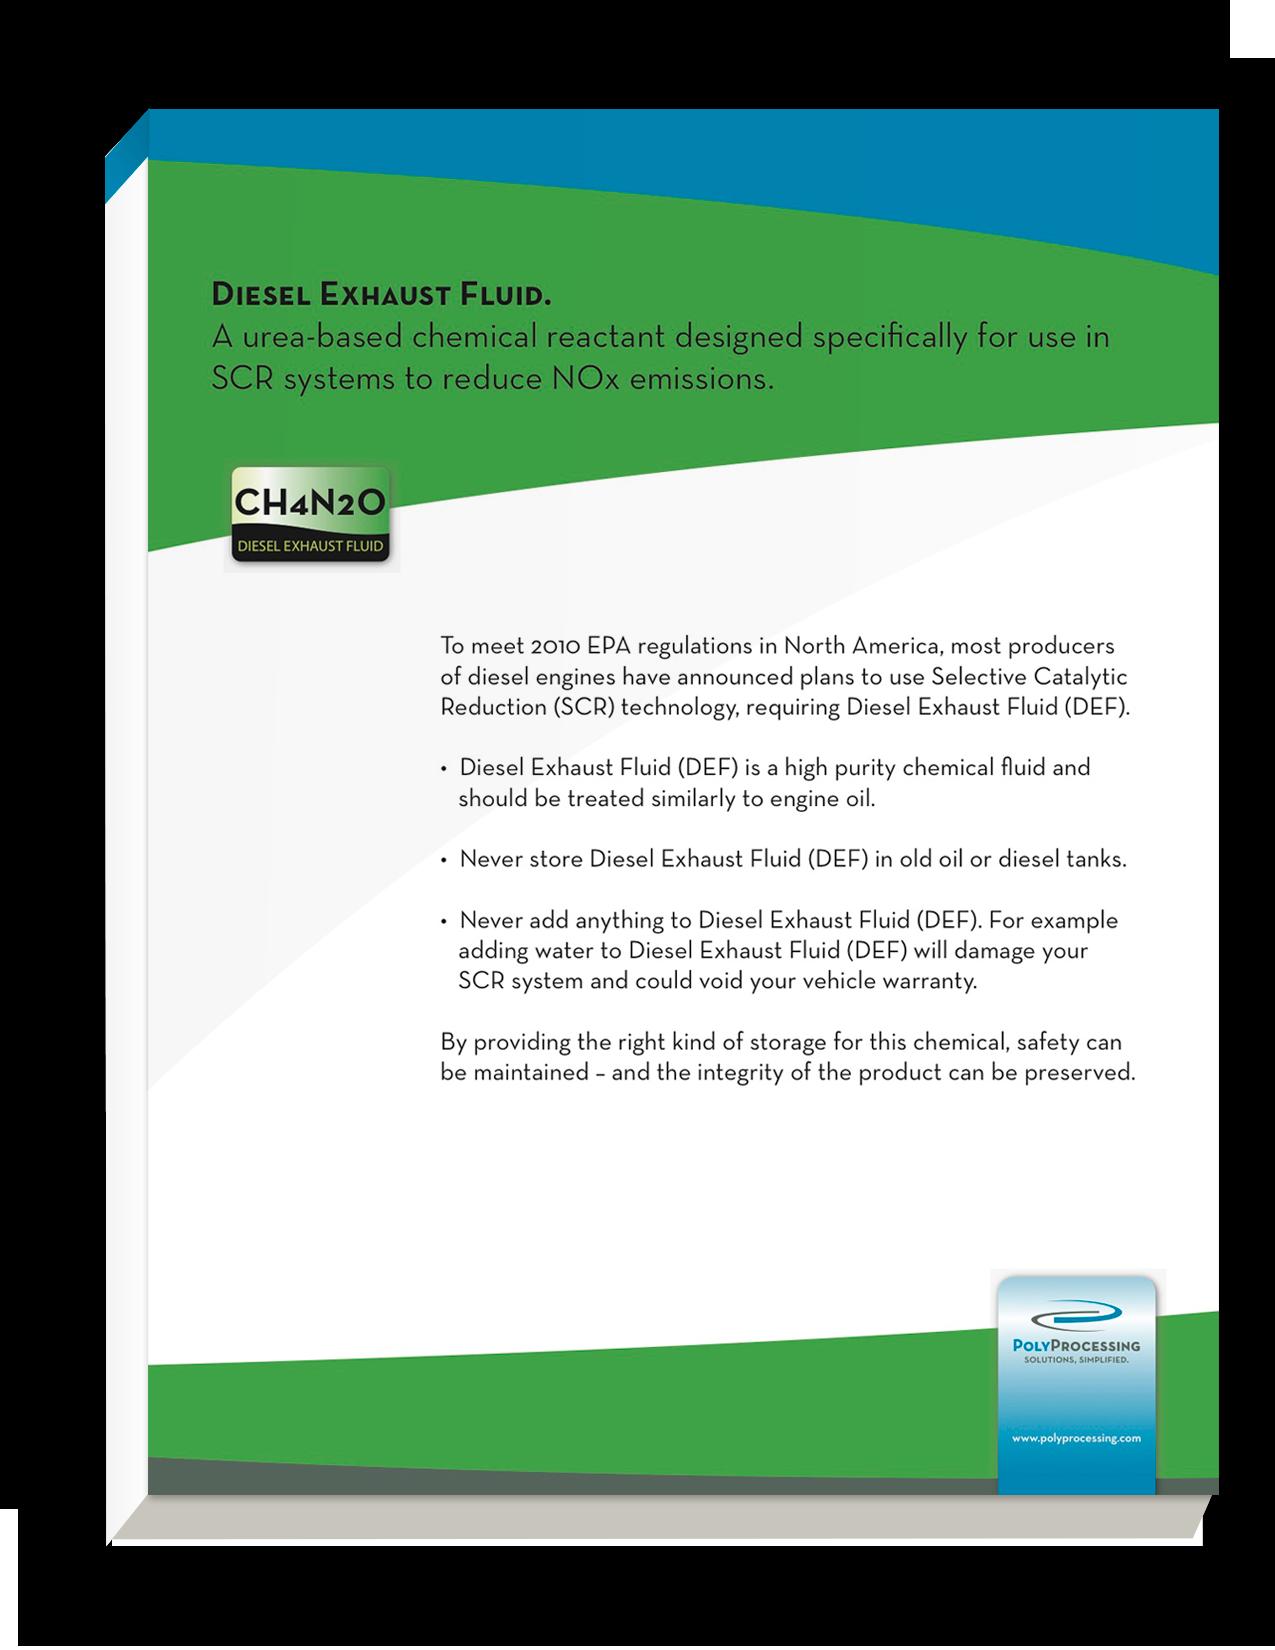 Diesel Exhaust Fluid Guide